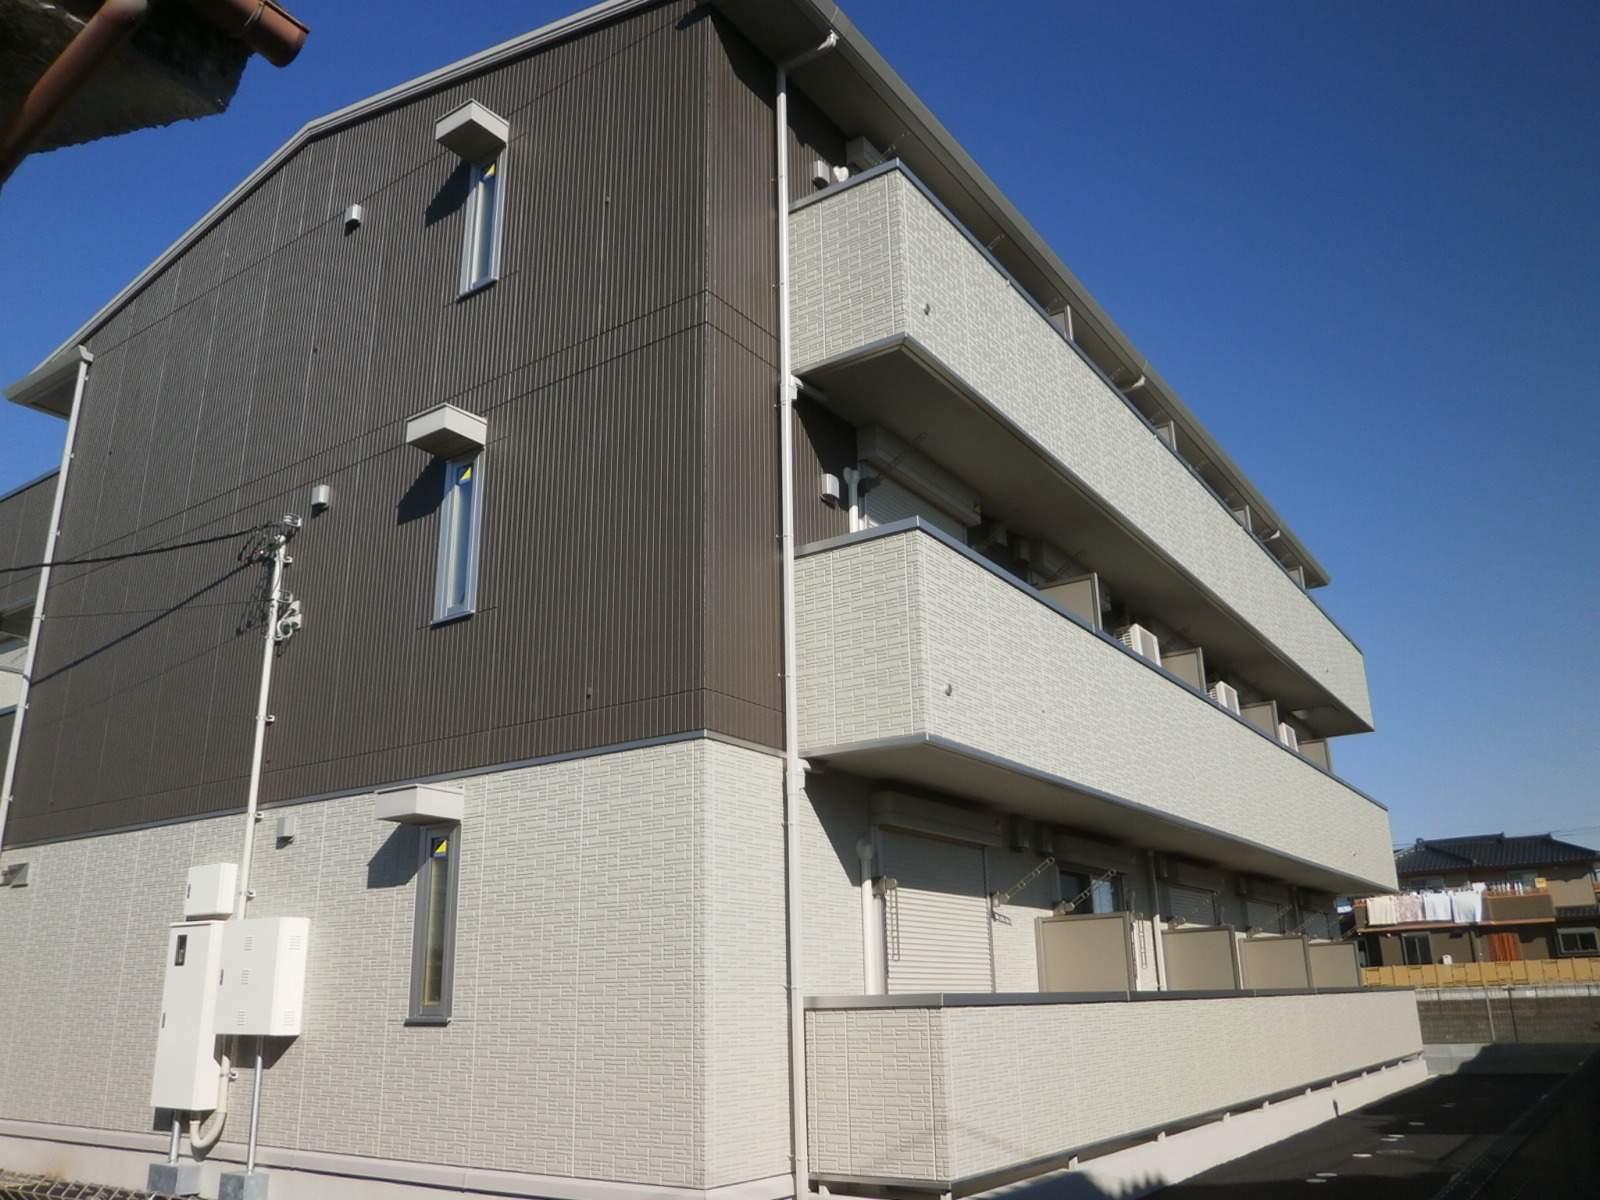 埼玉県草加市、草加駅徒歩21分の築4年 3階建の賃貸アパート